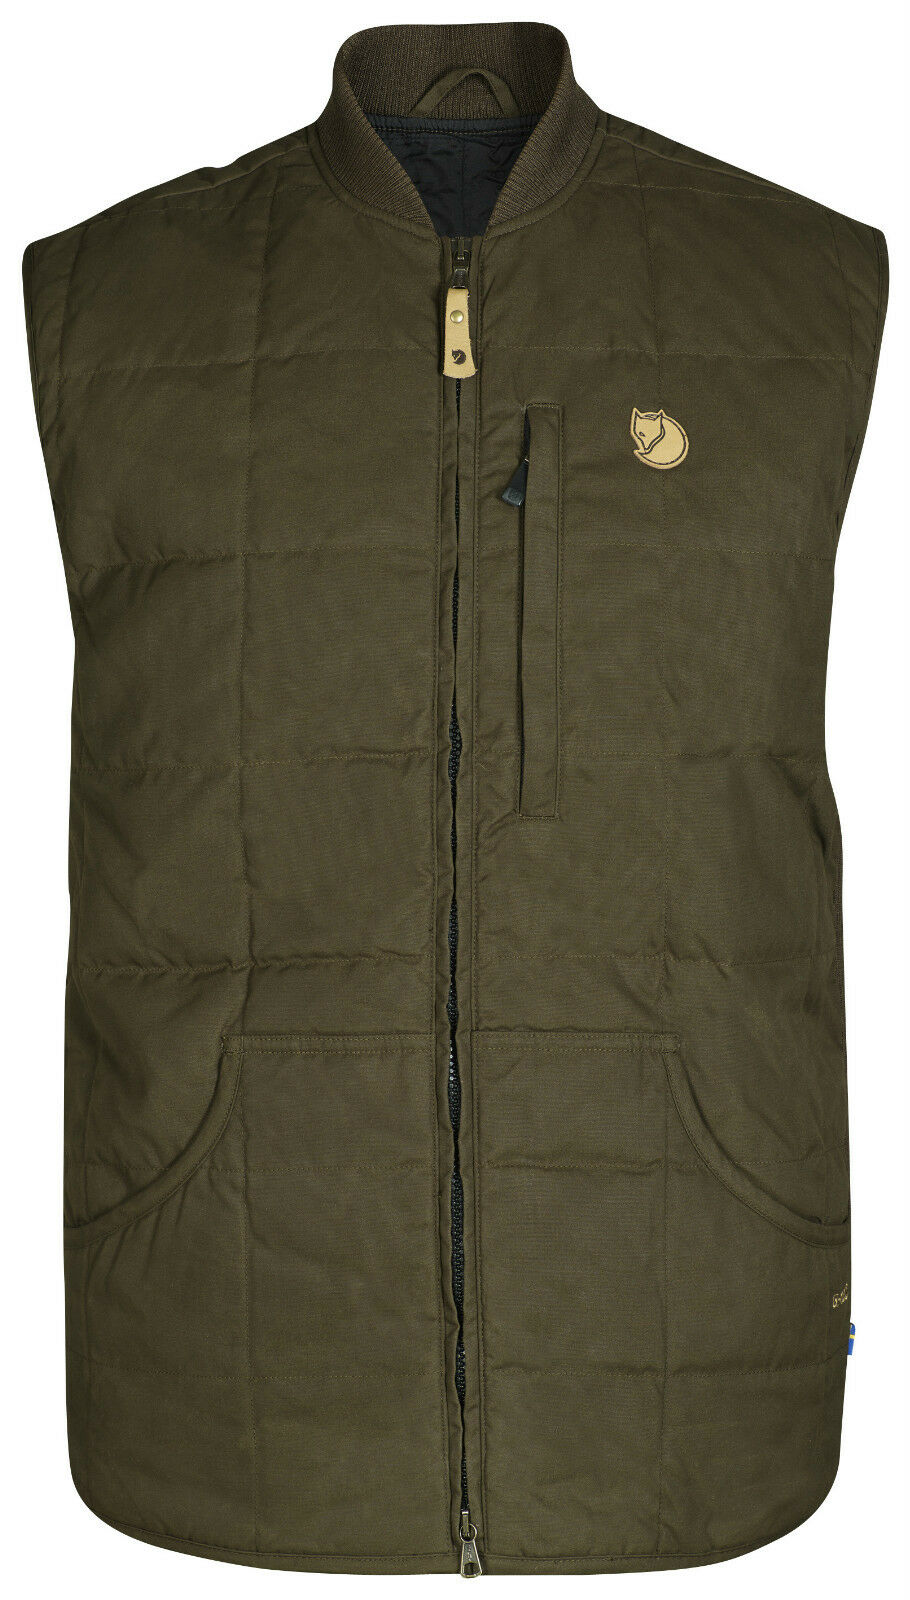 Fjäll Räven Hunting Vest Grimsey  - Dark Olive - 90501-633  online outlet sale